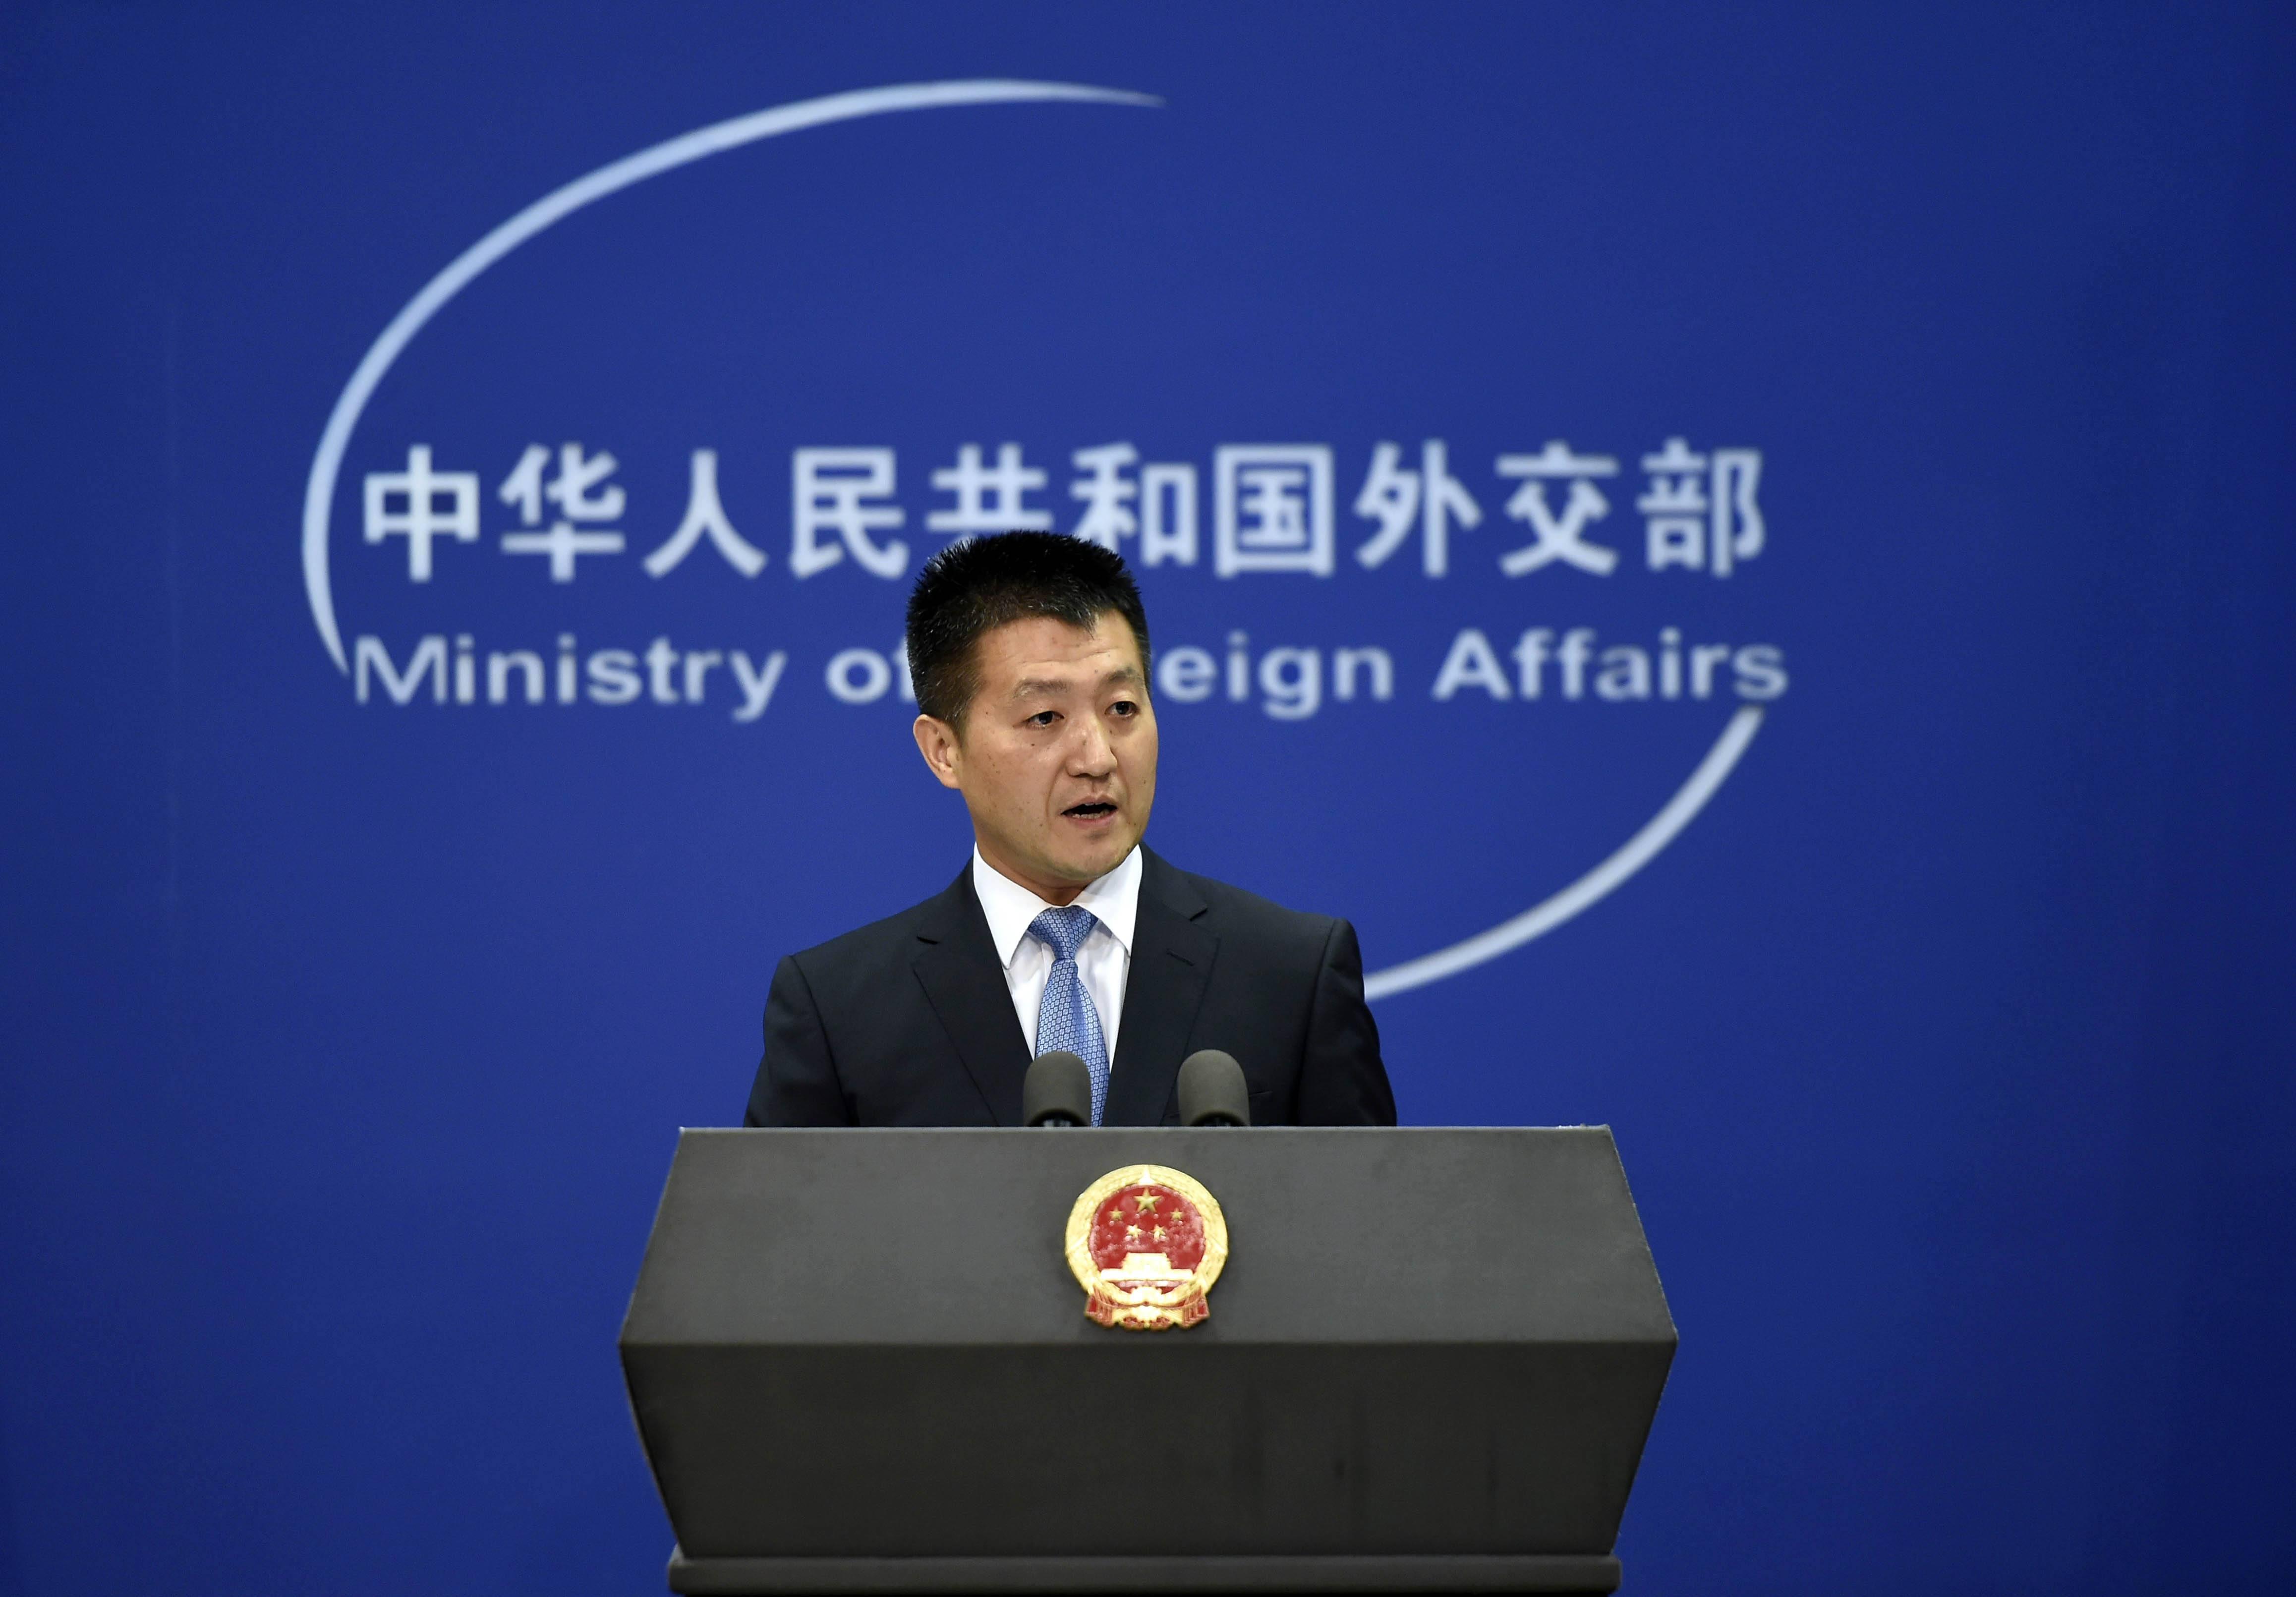 第五届中美省州长论坛即将举行,外交部:为加强两国合作注入新的动力